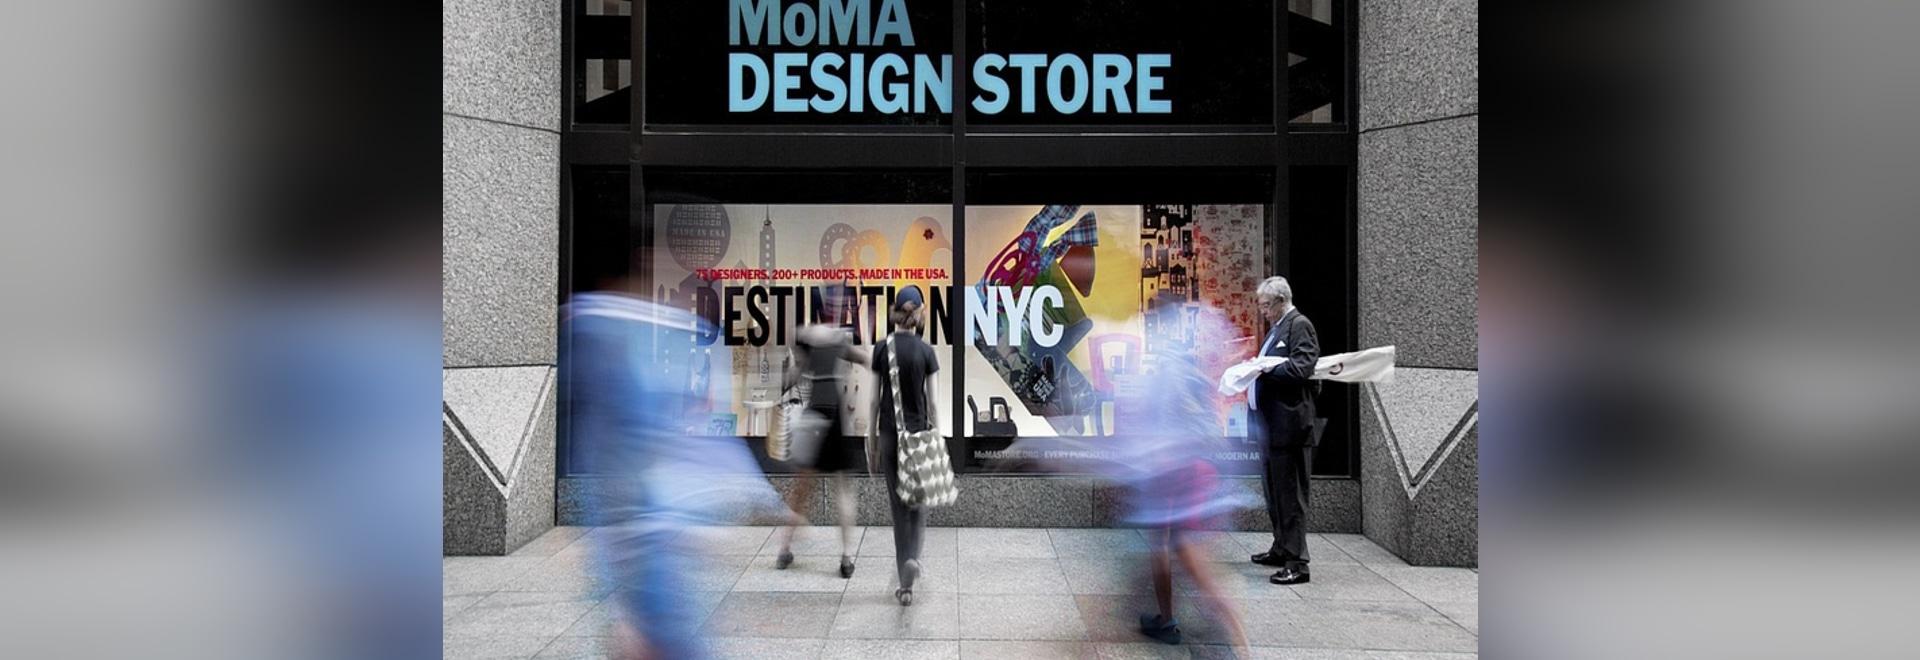 Cortesia del deposito di progettazione di MoMa